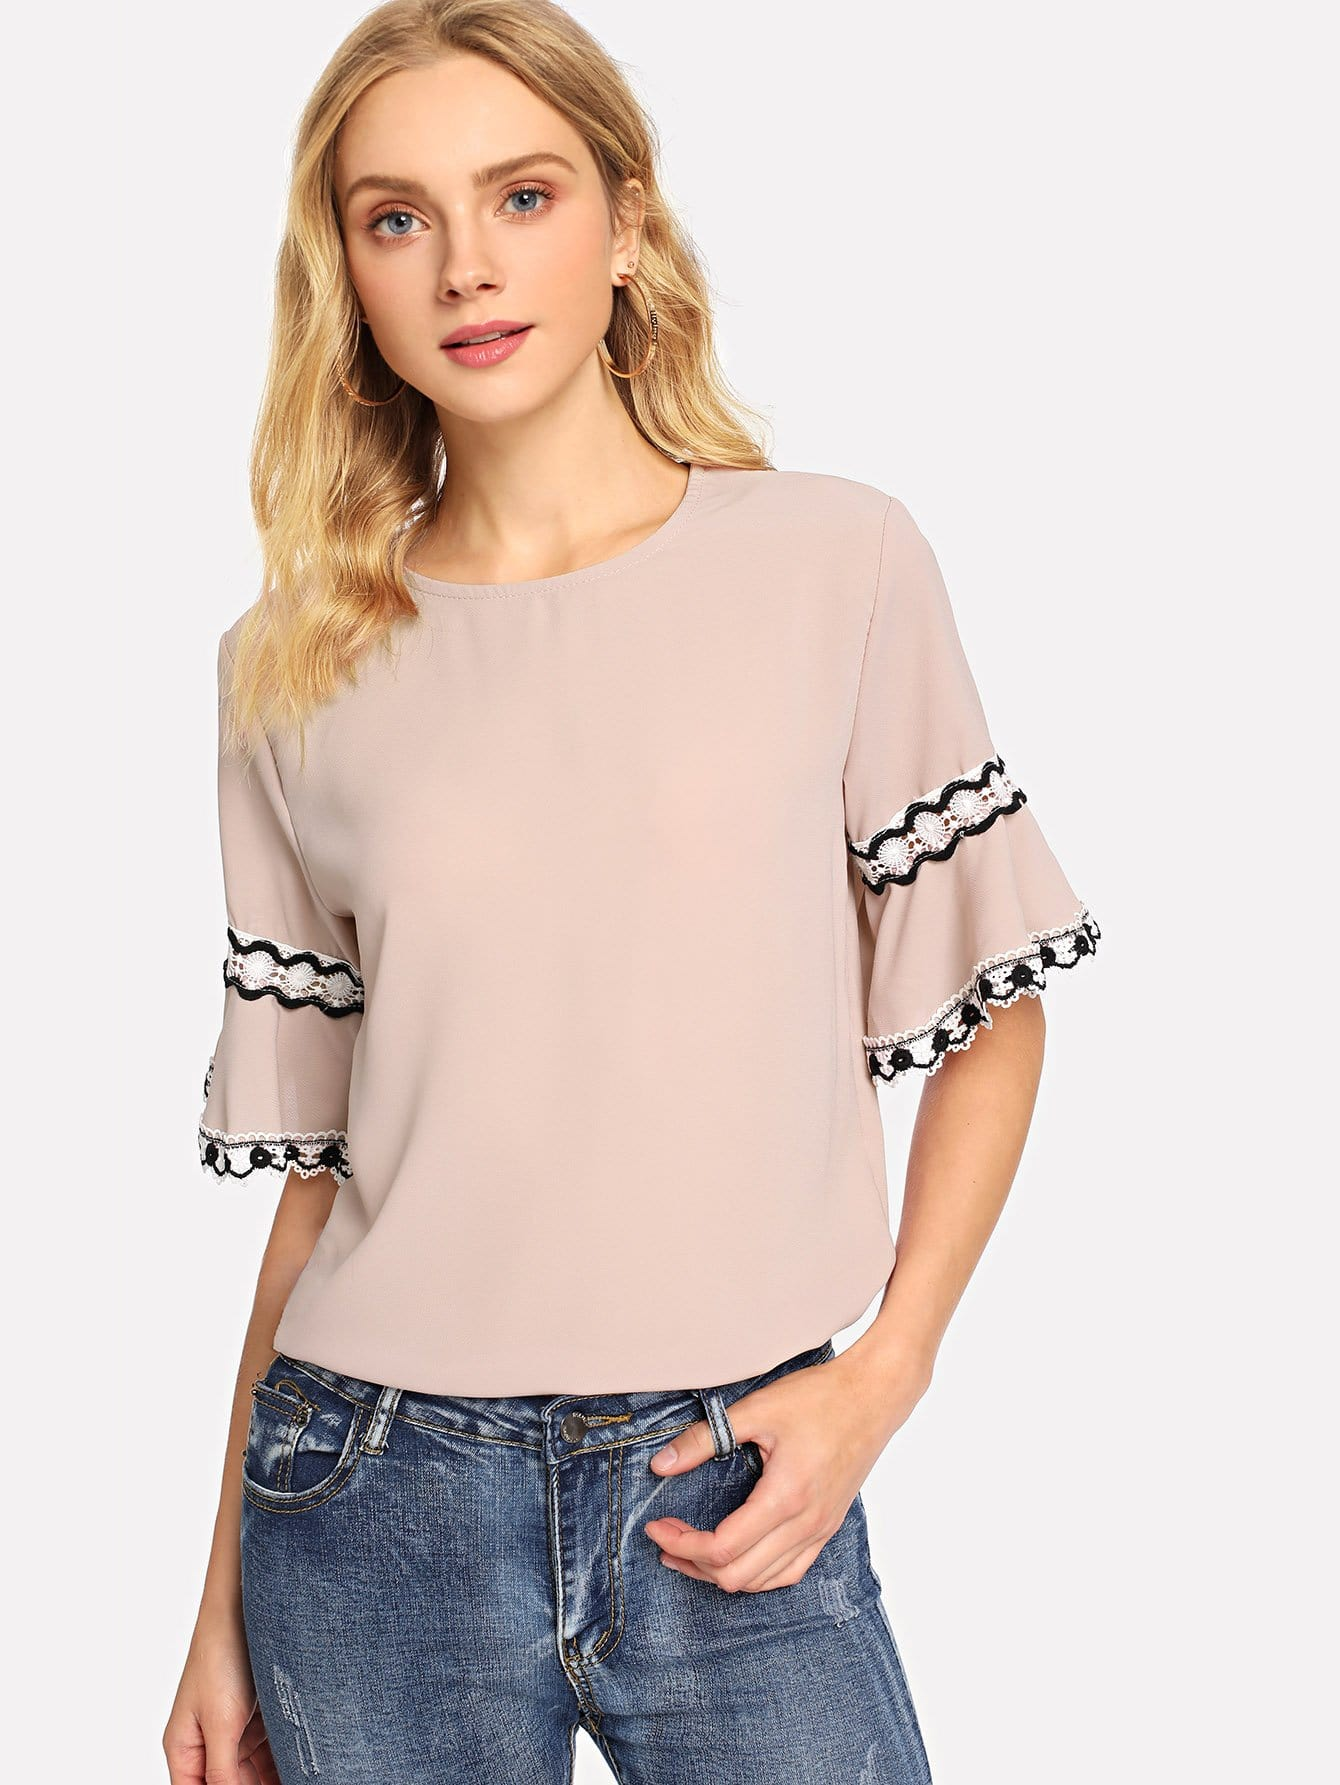 Купить Рубашка со симметрическими кружевами и рукава с розеткой, Nedab, SheIn